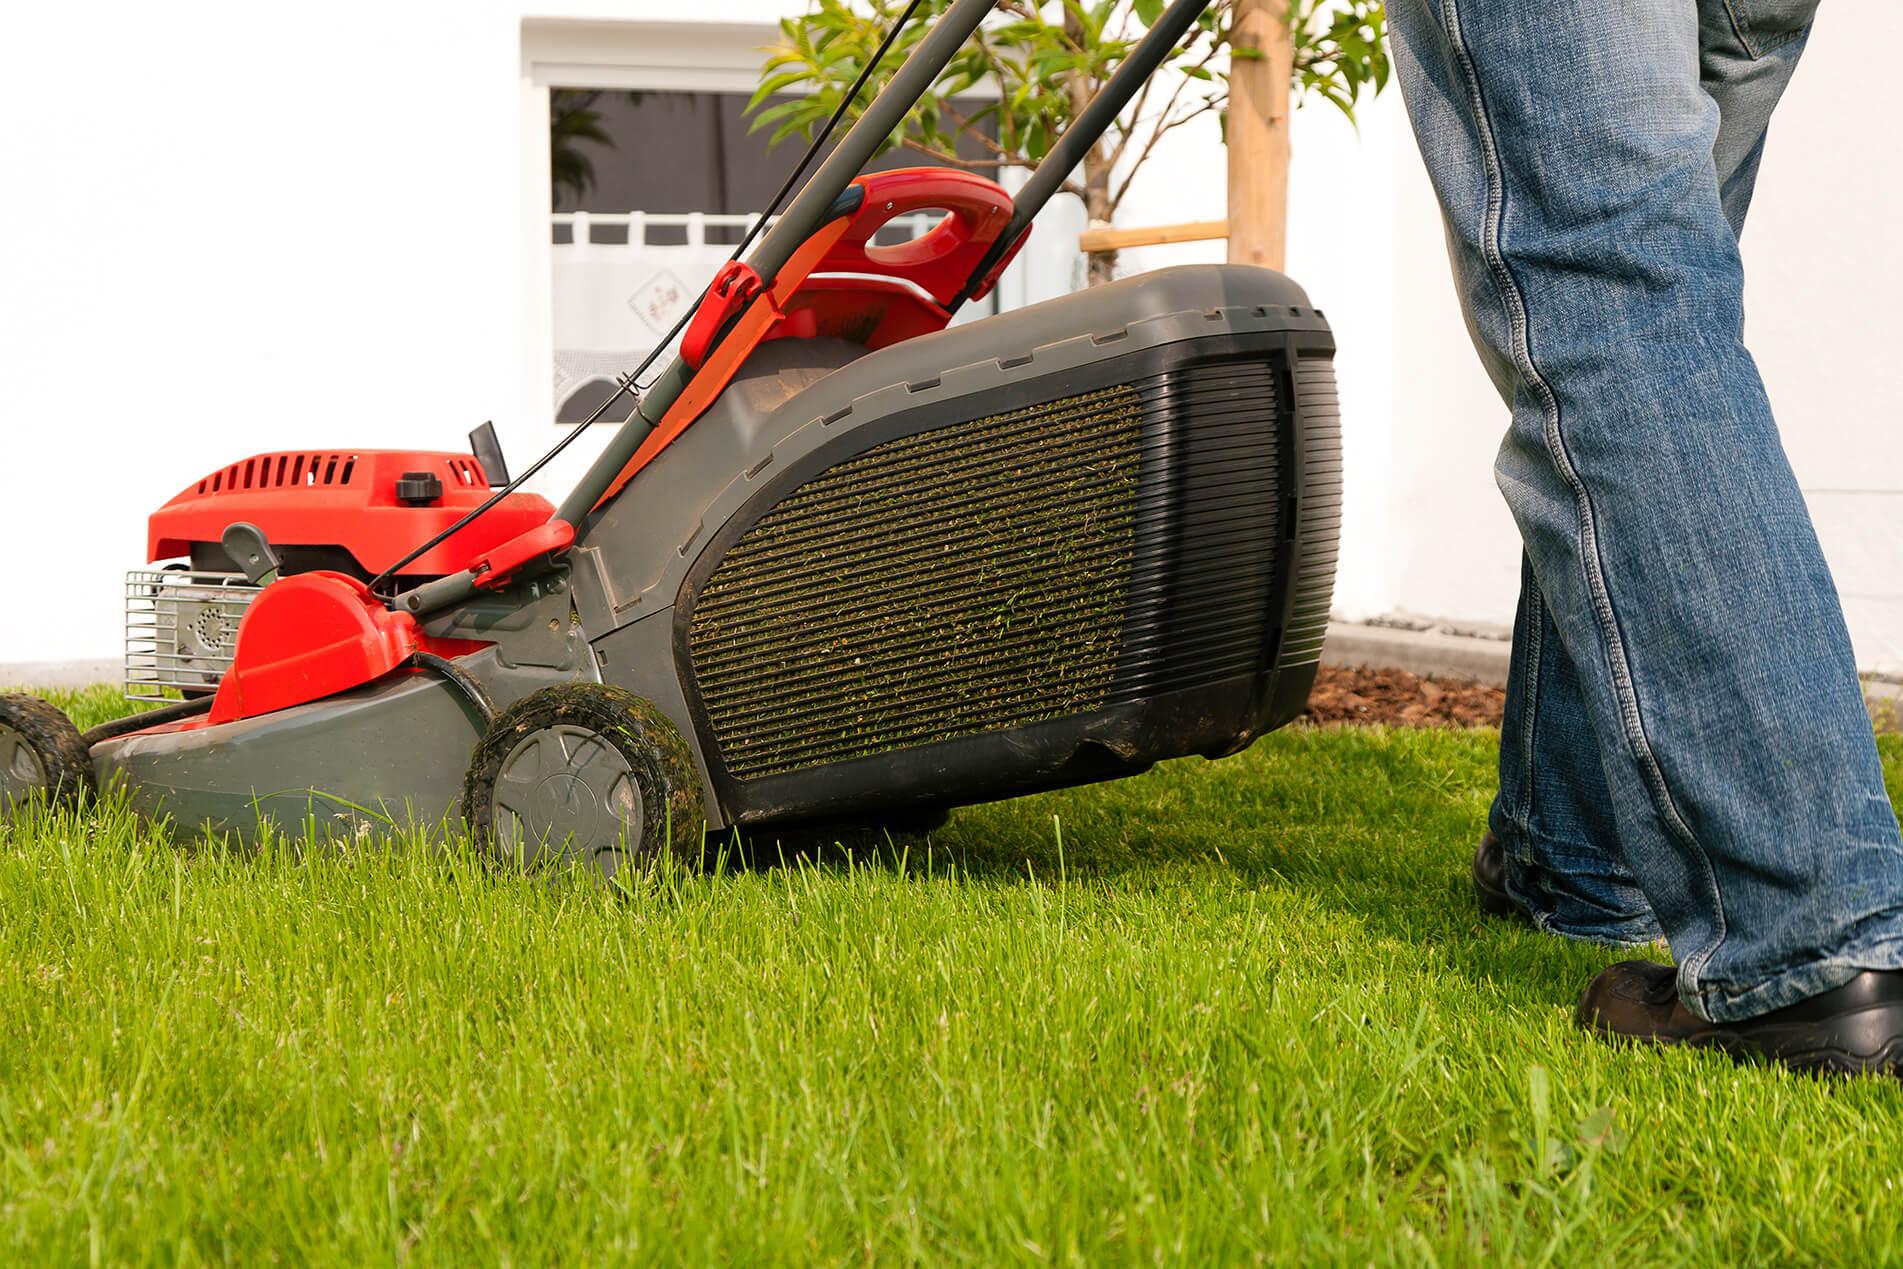 Anlita oss för gräsklippningen!